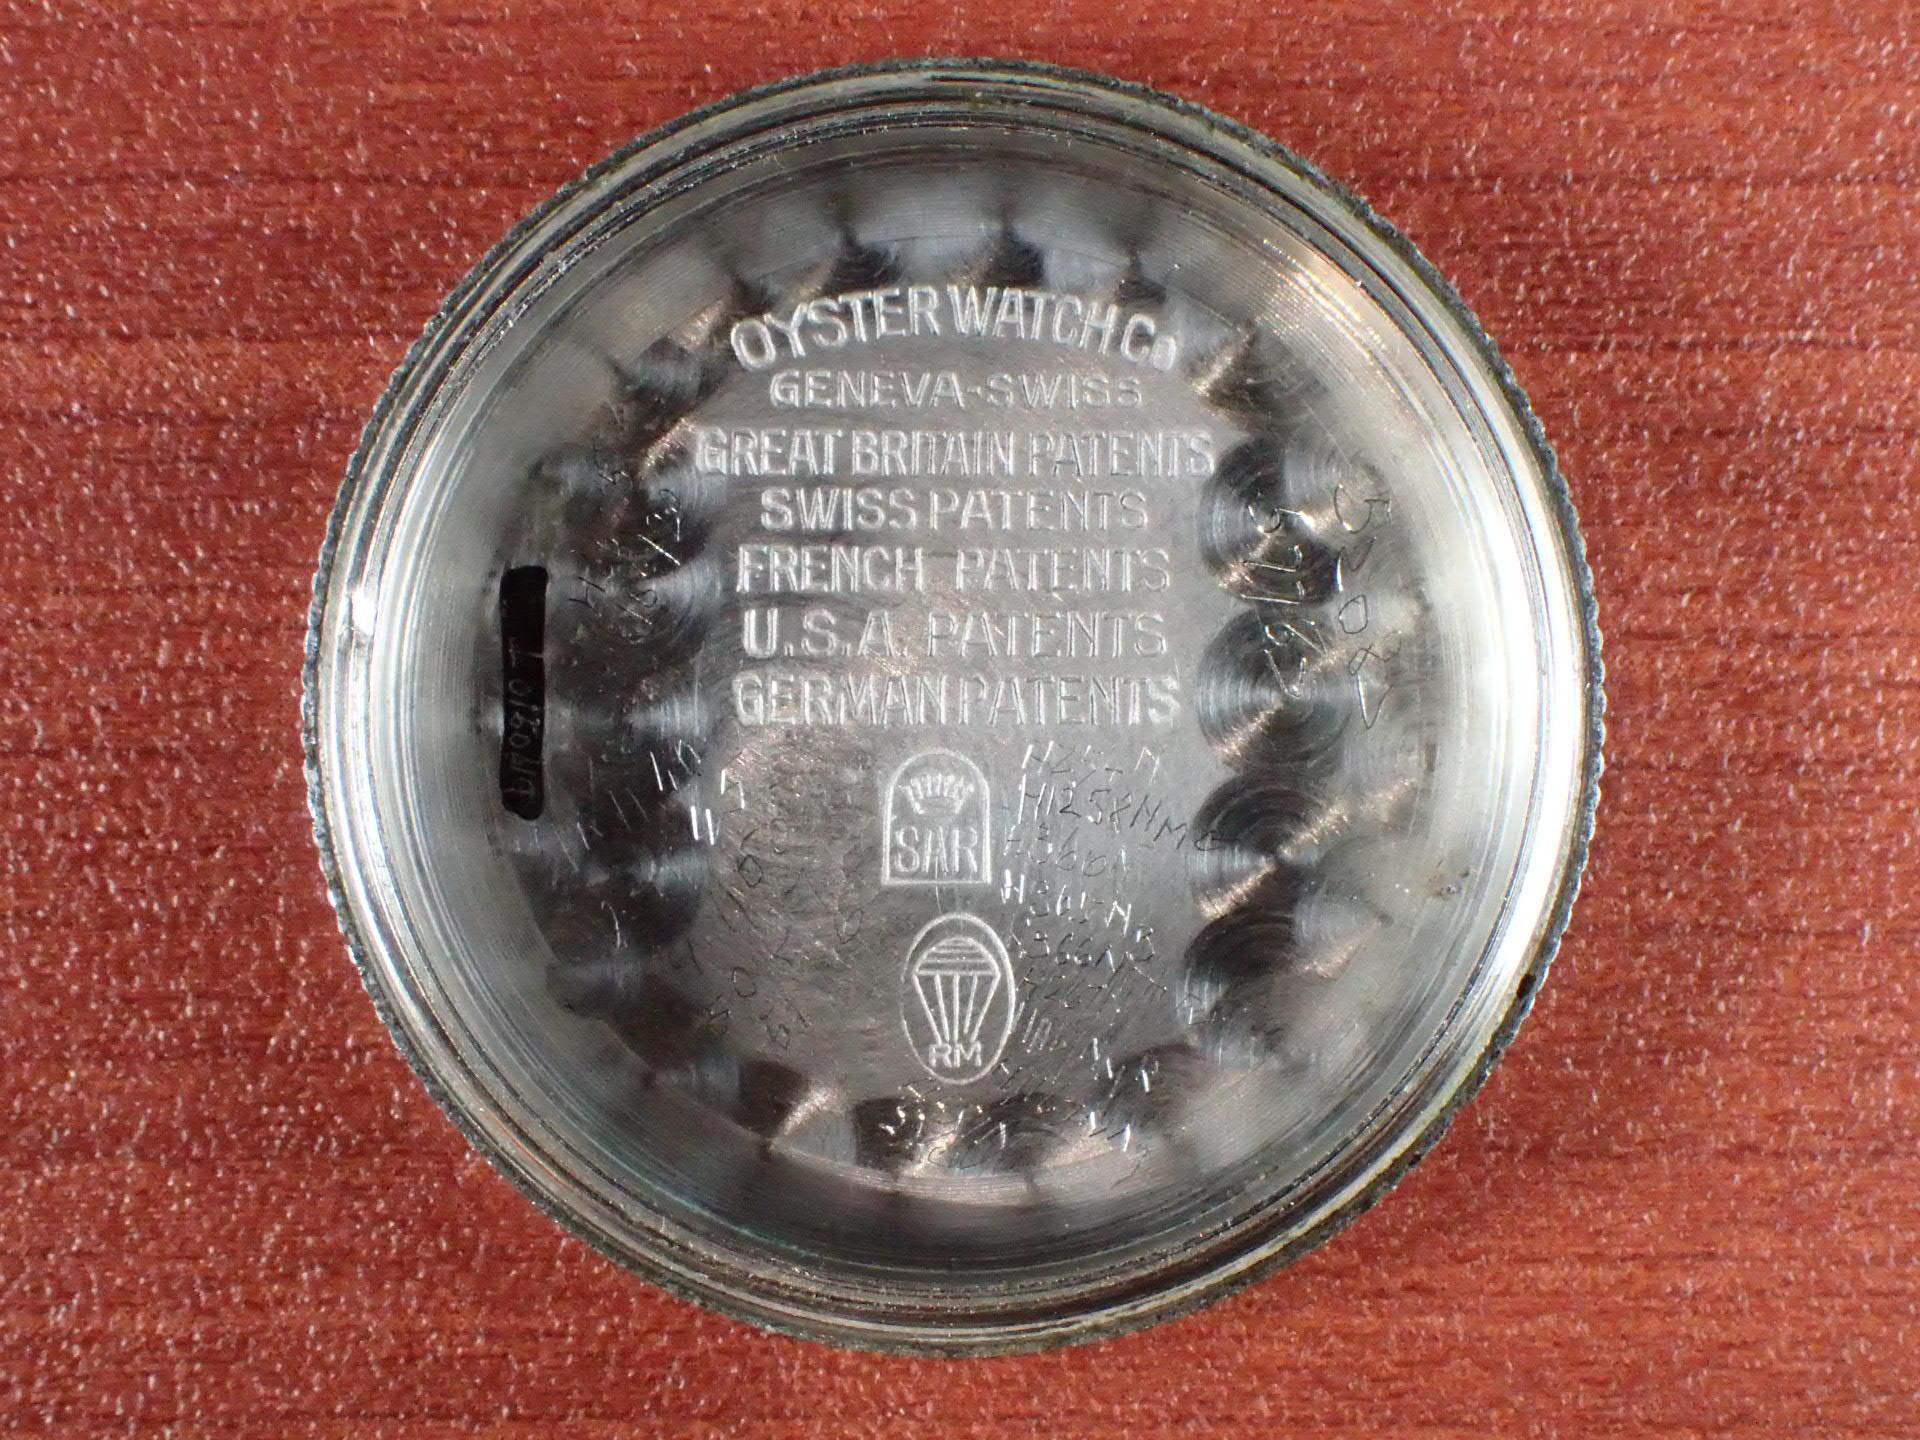 ロレックス オイスター インペリアル セクターダイアル 1930年代の写真6枚目